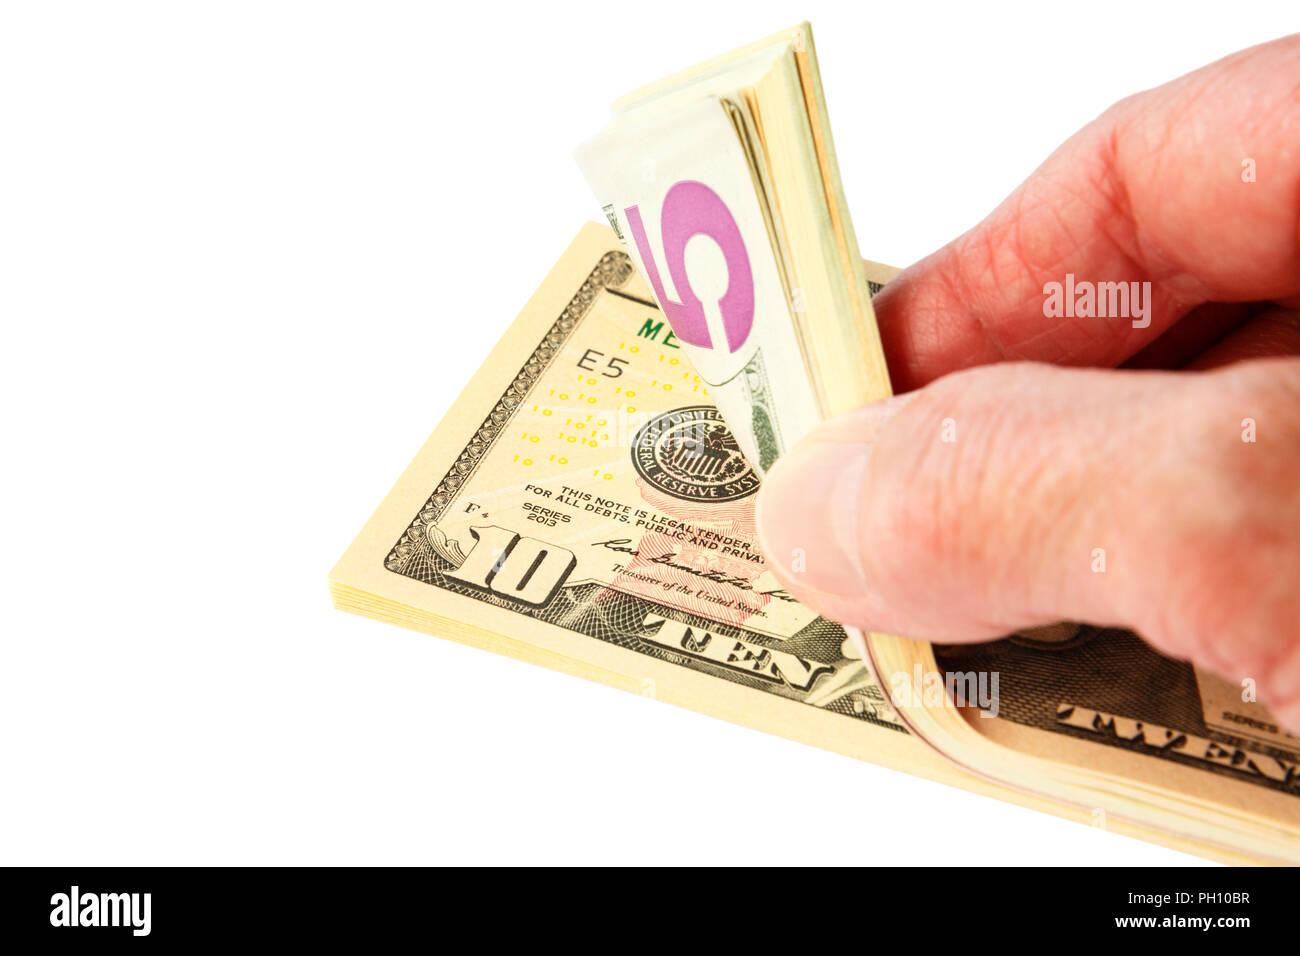 Un haut la main de personne comptant une pile wodge de monnaie américaine de l'argent en dollars US dollar bills note paiement isolé sur un fond blanc. USA Photo Stock